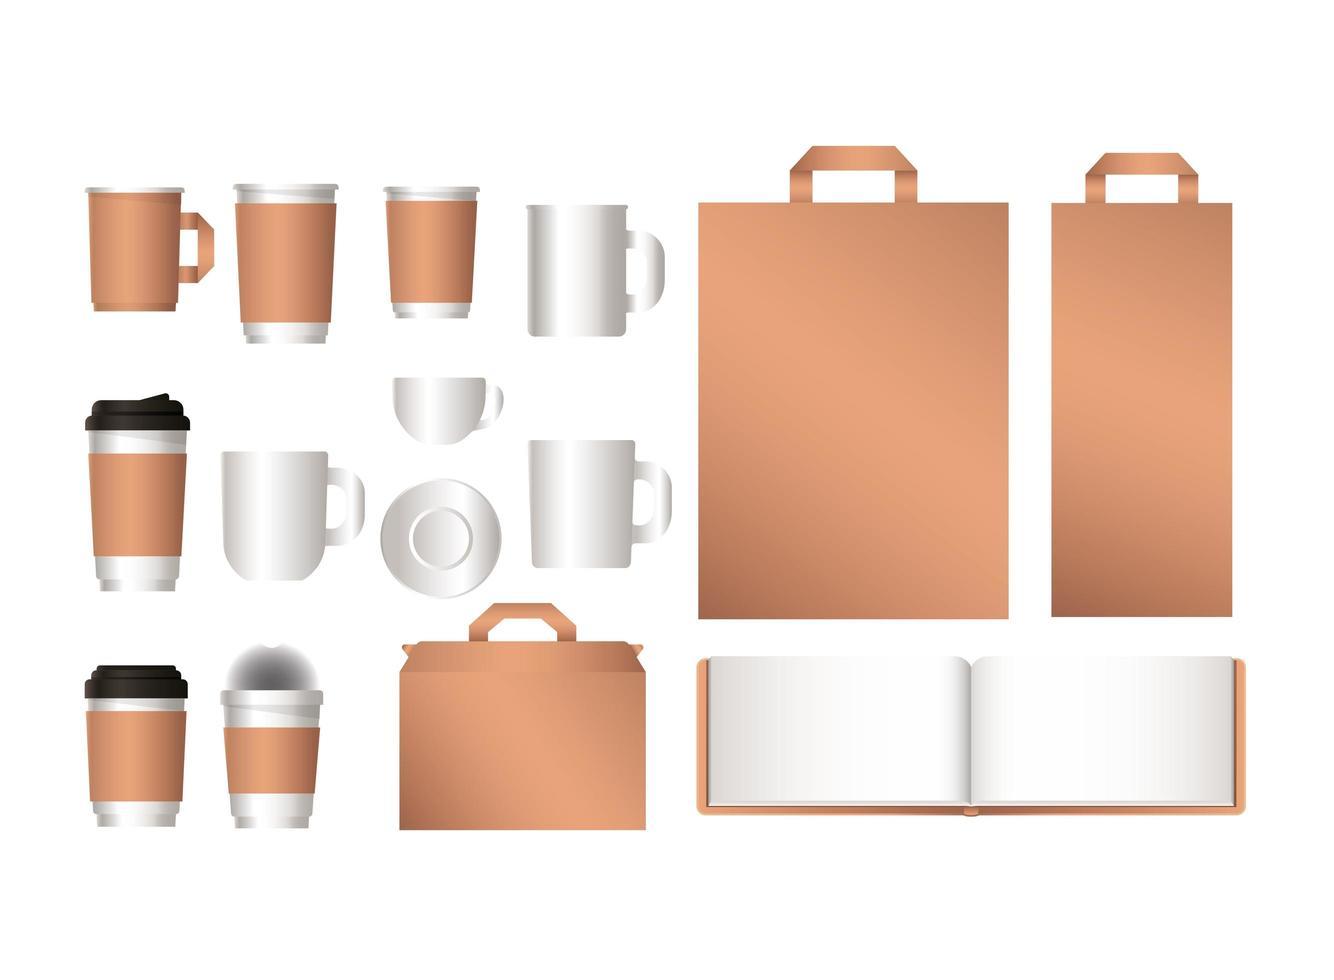 Modell Notebook Taschen und Kaffeetassen Design vektor